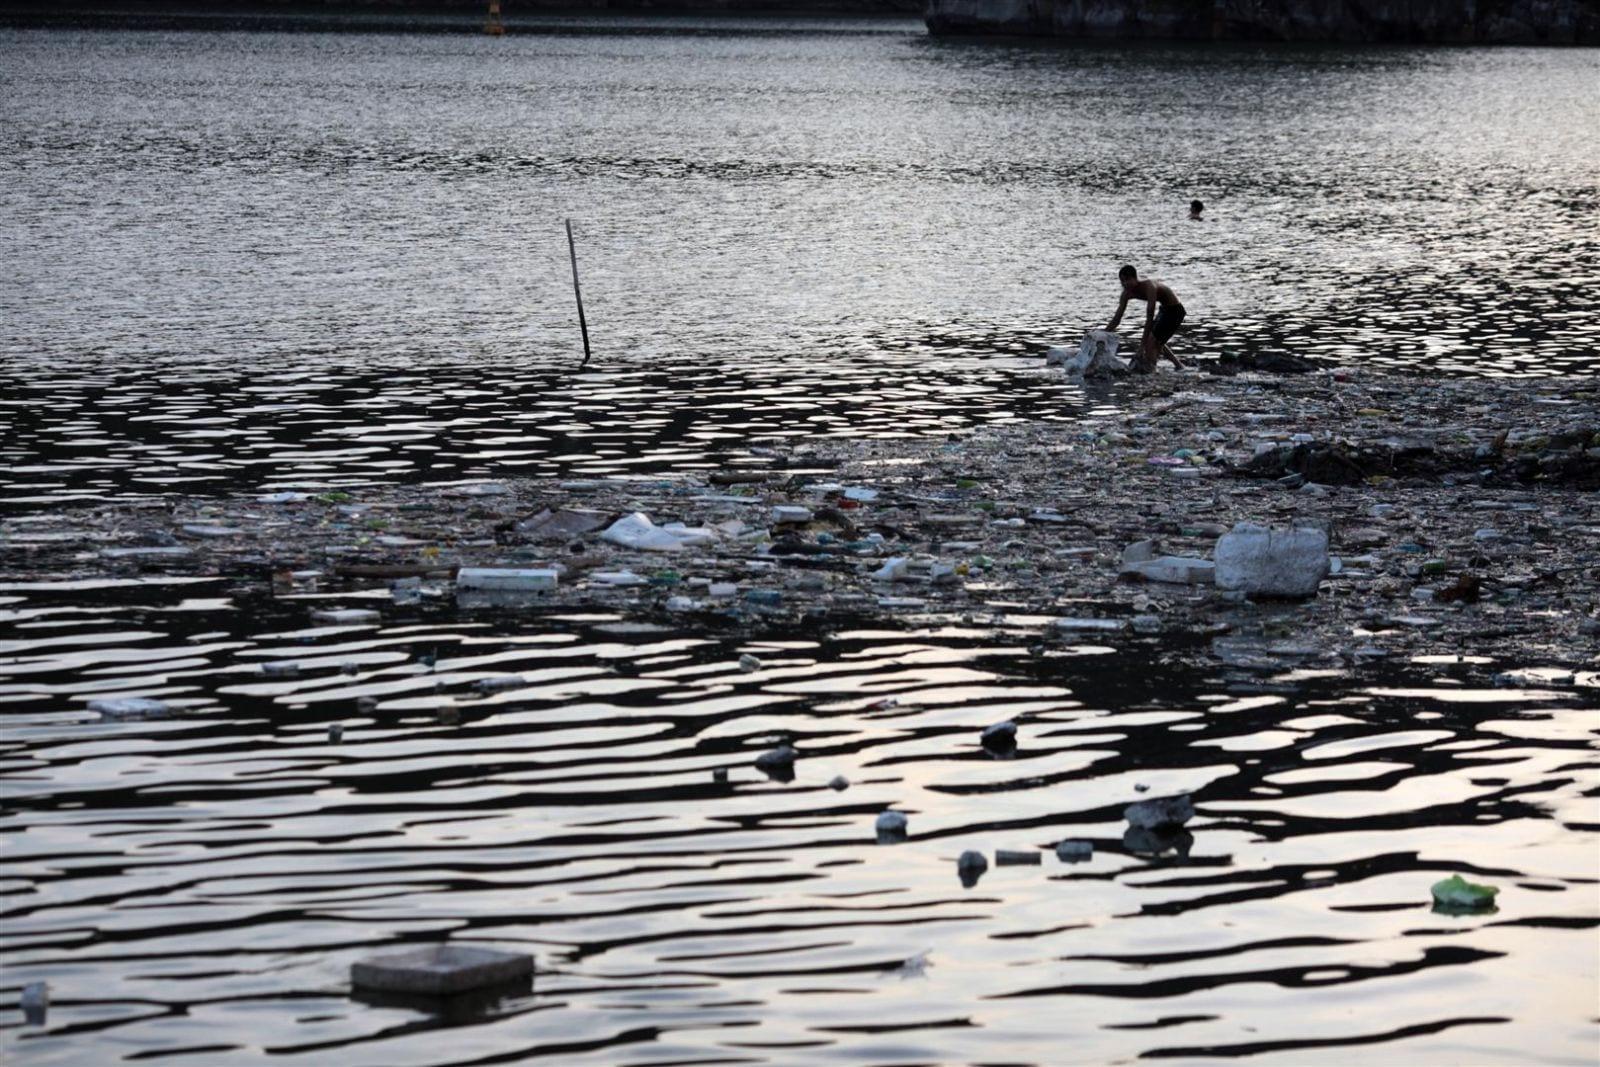 Phân tích các nguyên nhân chính gây ô nhiễm môi trường nước